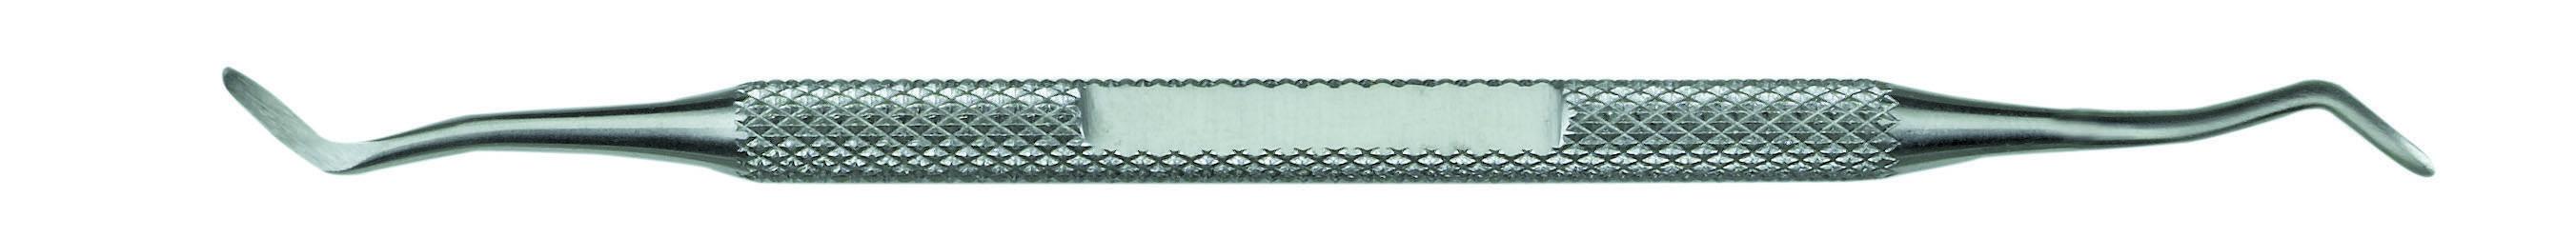 KIEPE Пушер для кутикулы двухсторонний загнутый, нержавеющая сталь, 13 см